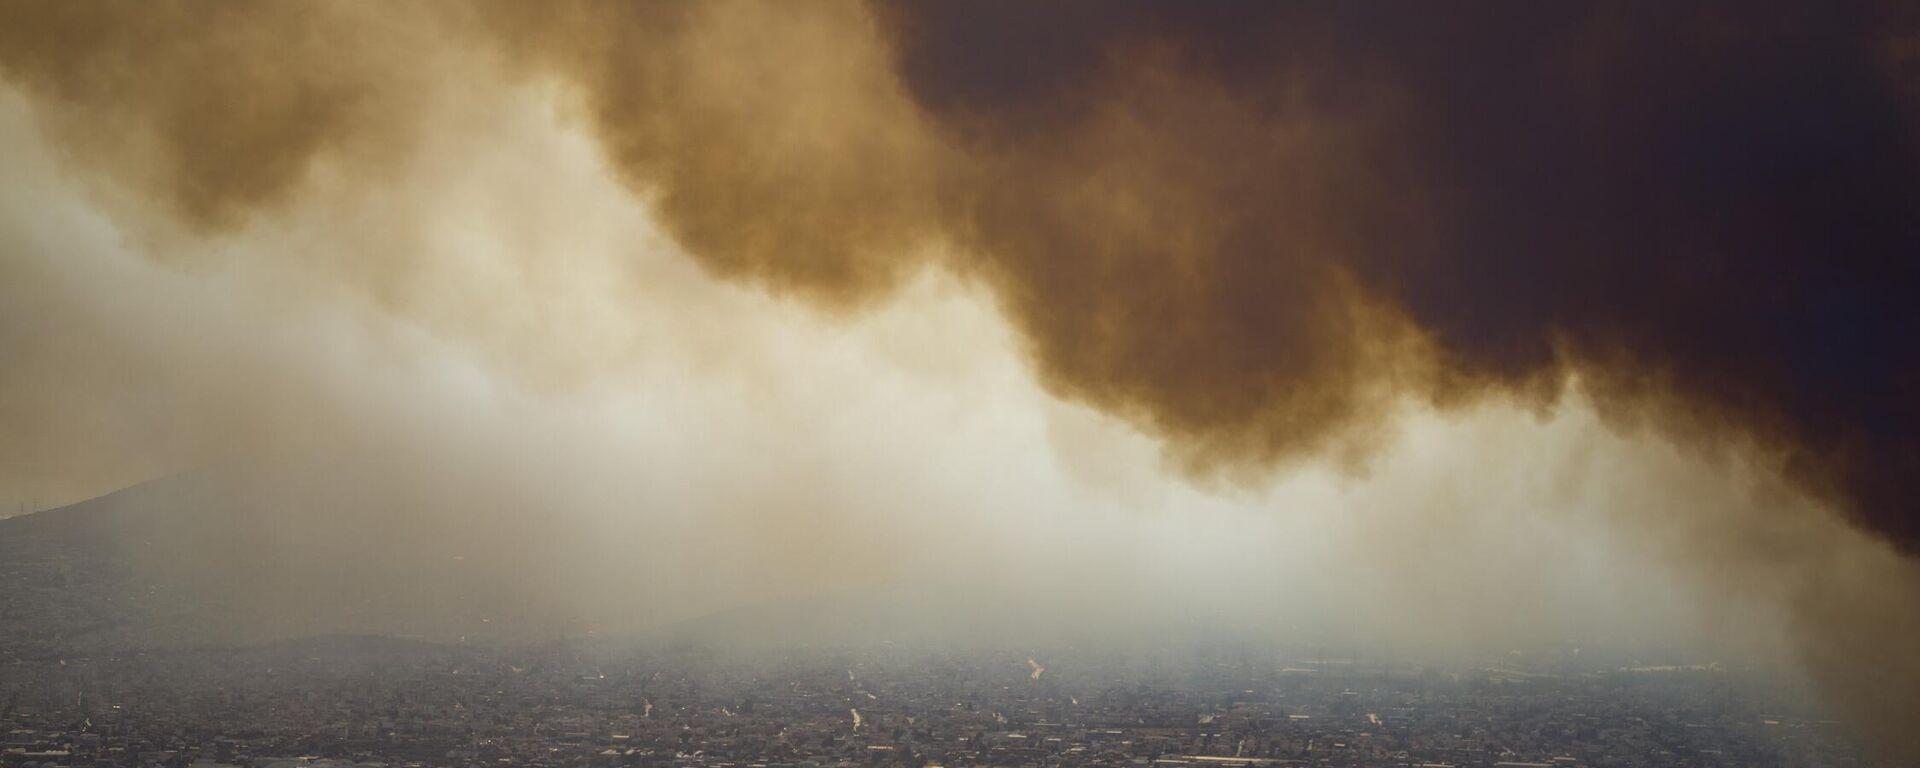 Πυρκαγιά στη Βαρυμπόμπη Αττικής, 3 Αυγούστου 2021 - Sputnik Ελλάδα, 1920, 04.08.2021